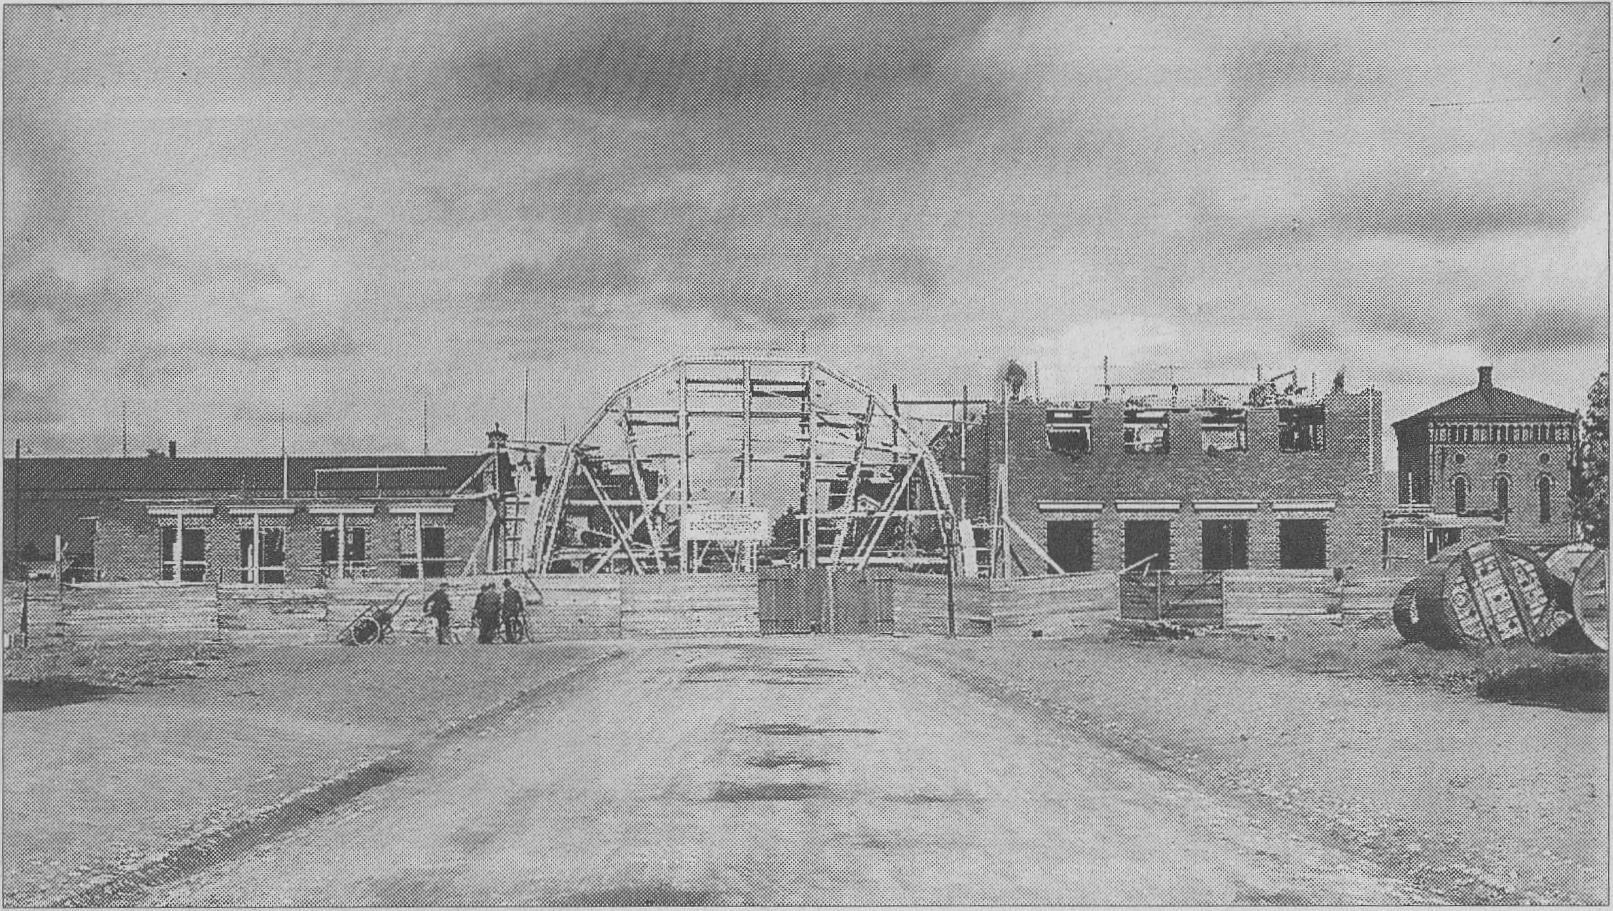 Södra station under uppbyggnad. Den stora, välvda vänthallen var redan då av dominerande format.